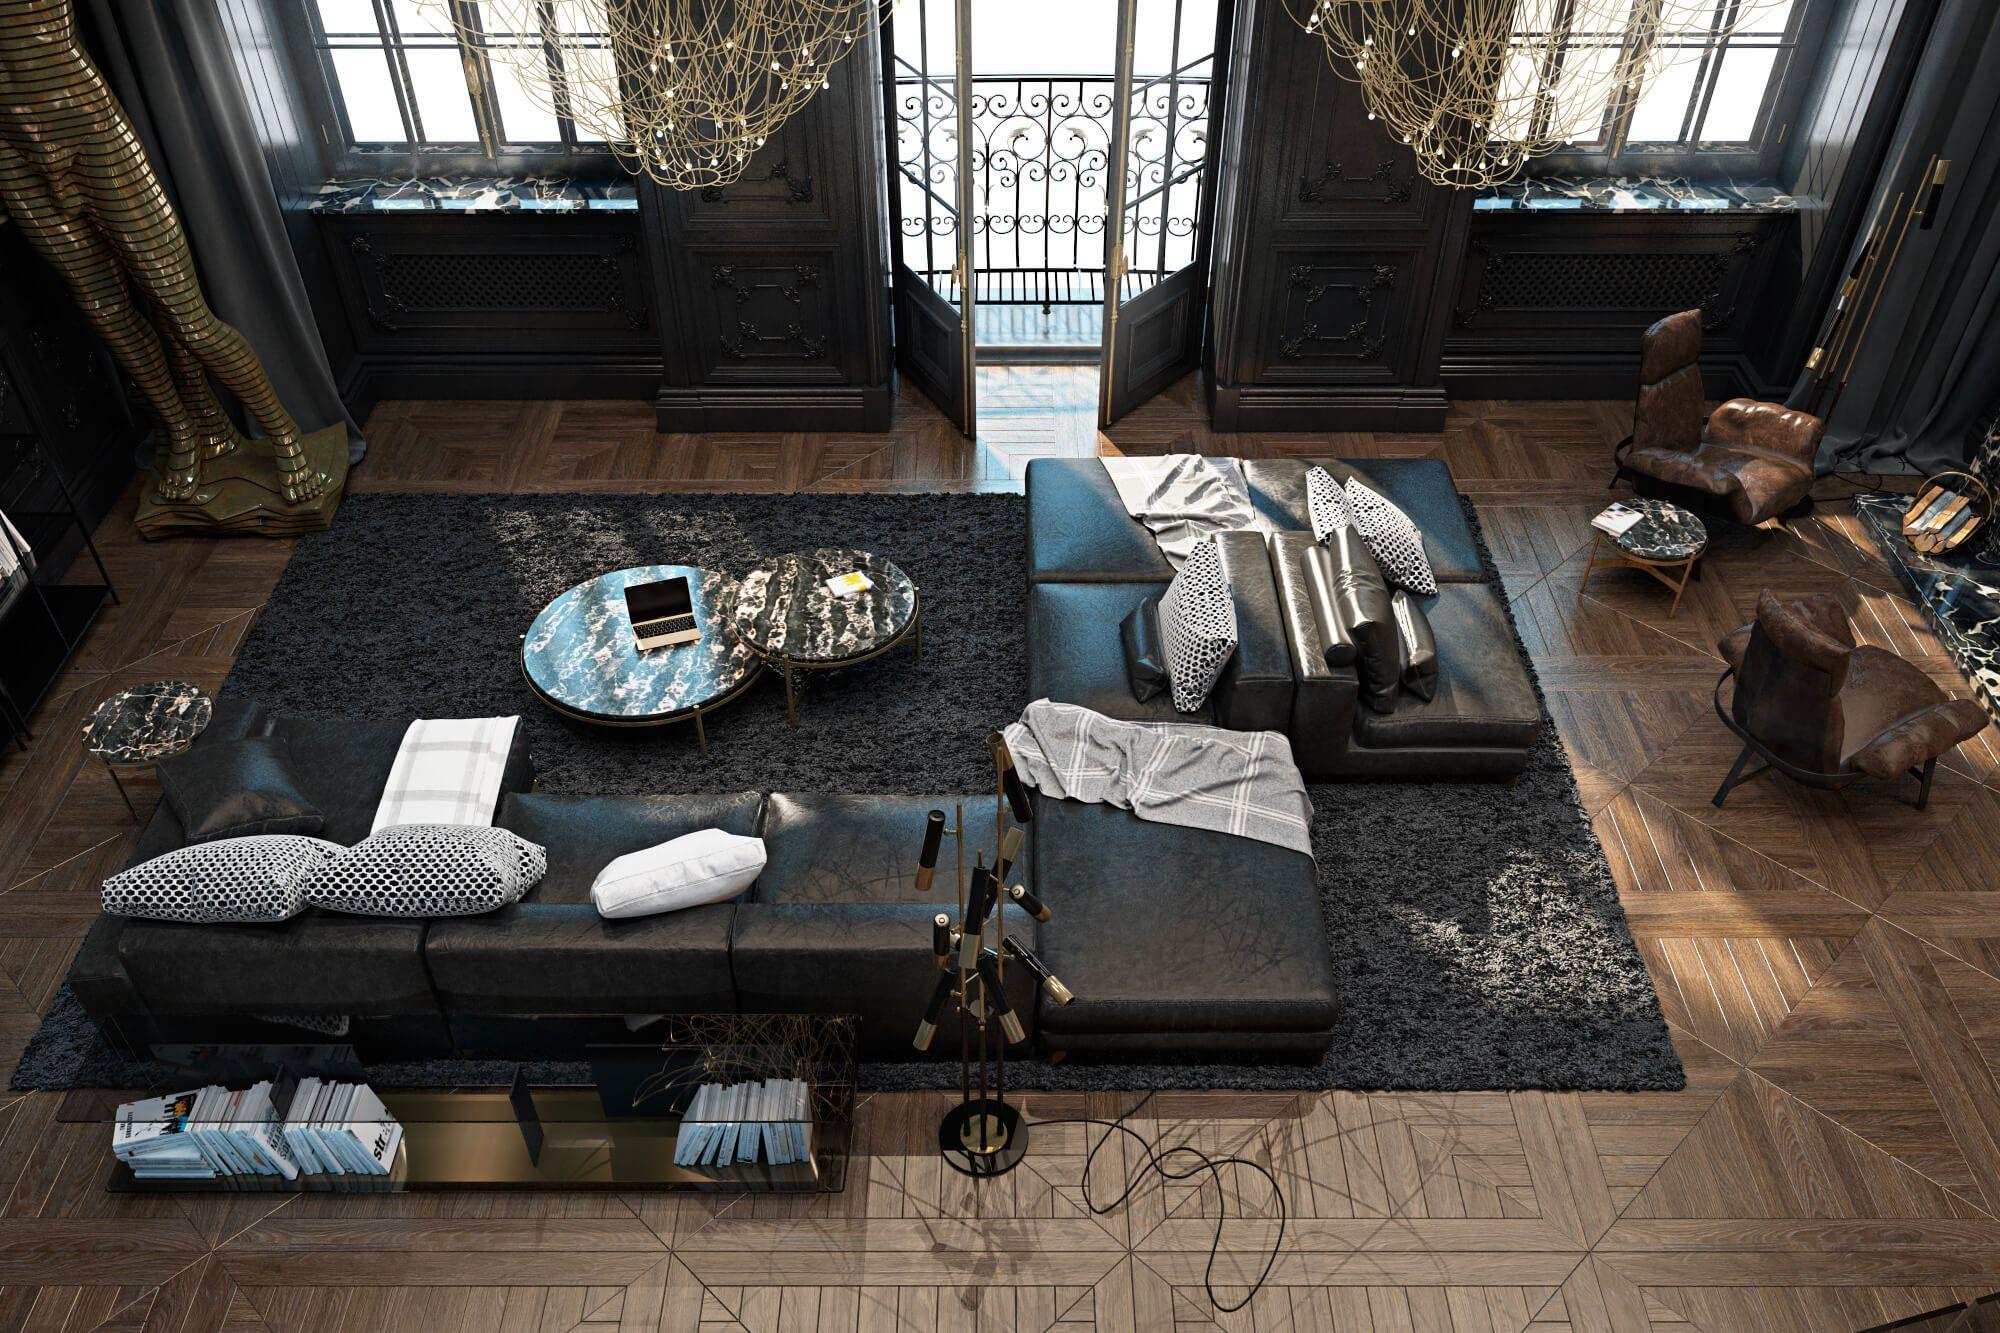 contemporary apartment in parisiryna dzhemesiuk & vitaliy